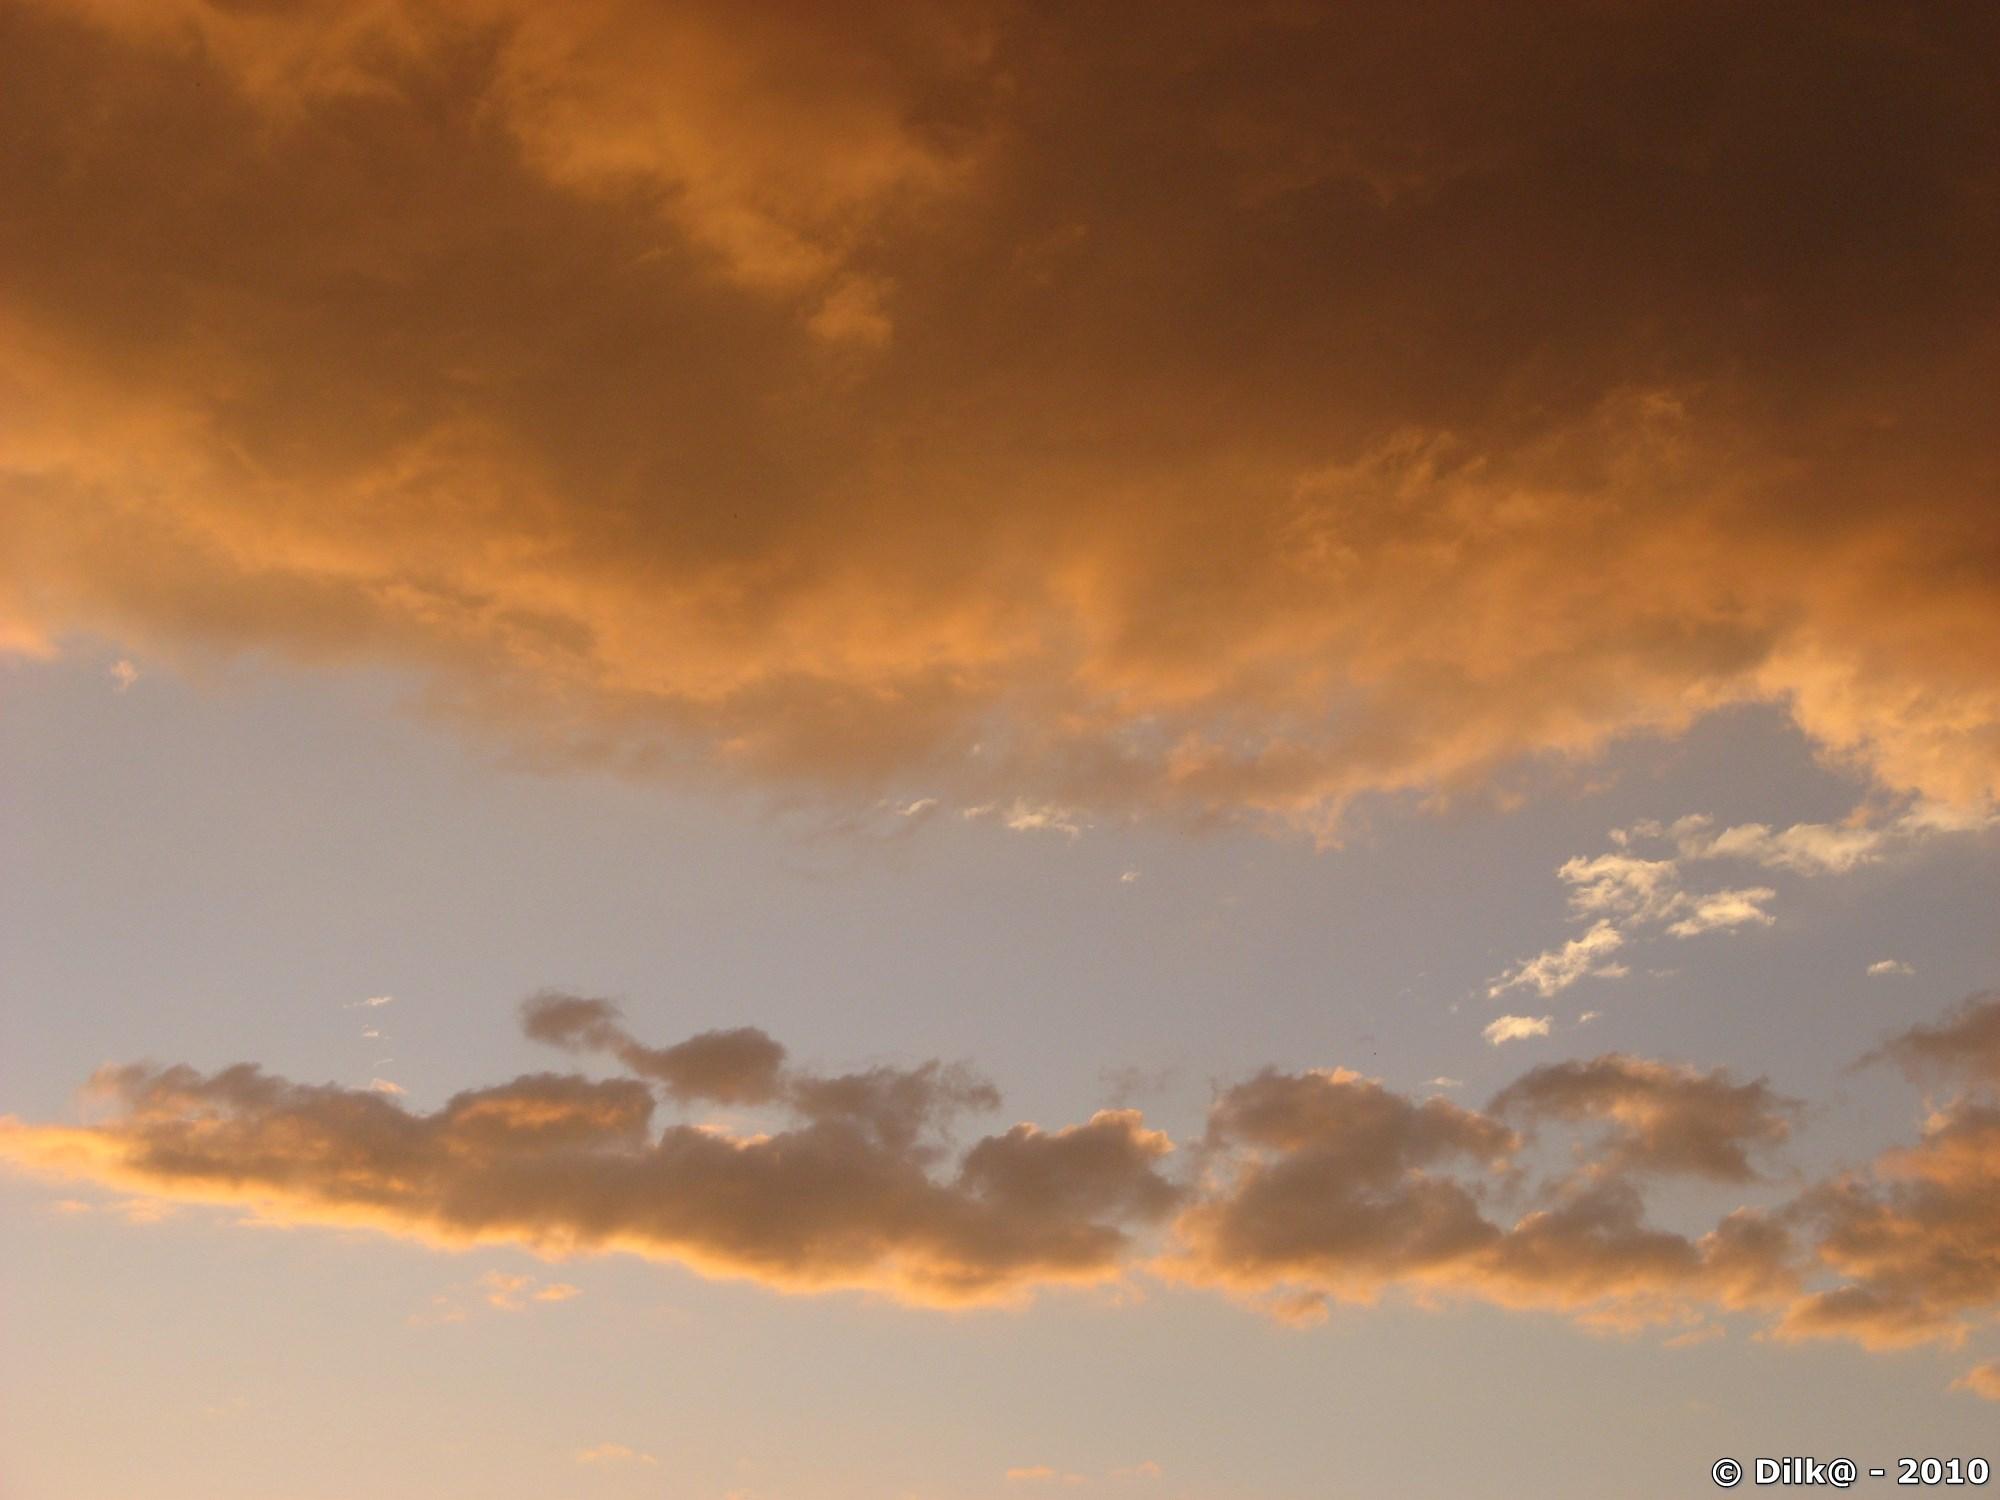 Nuages colorés avant l'orage